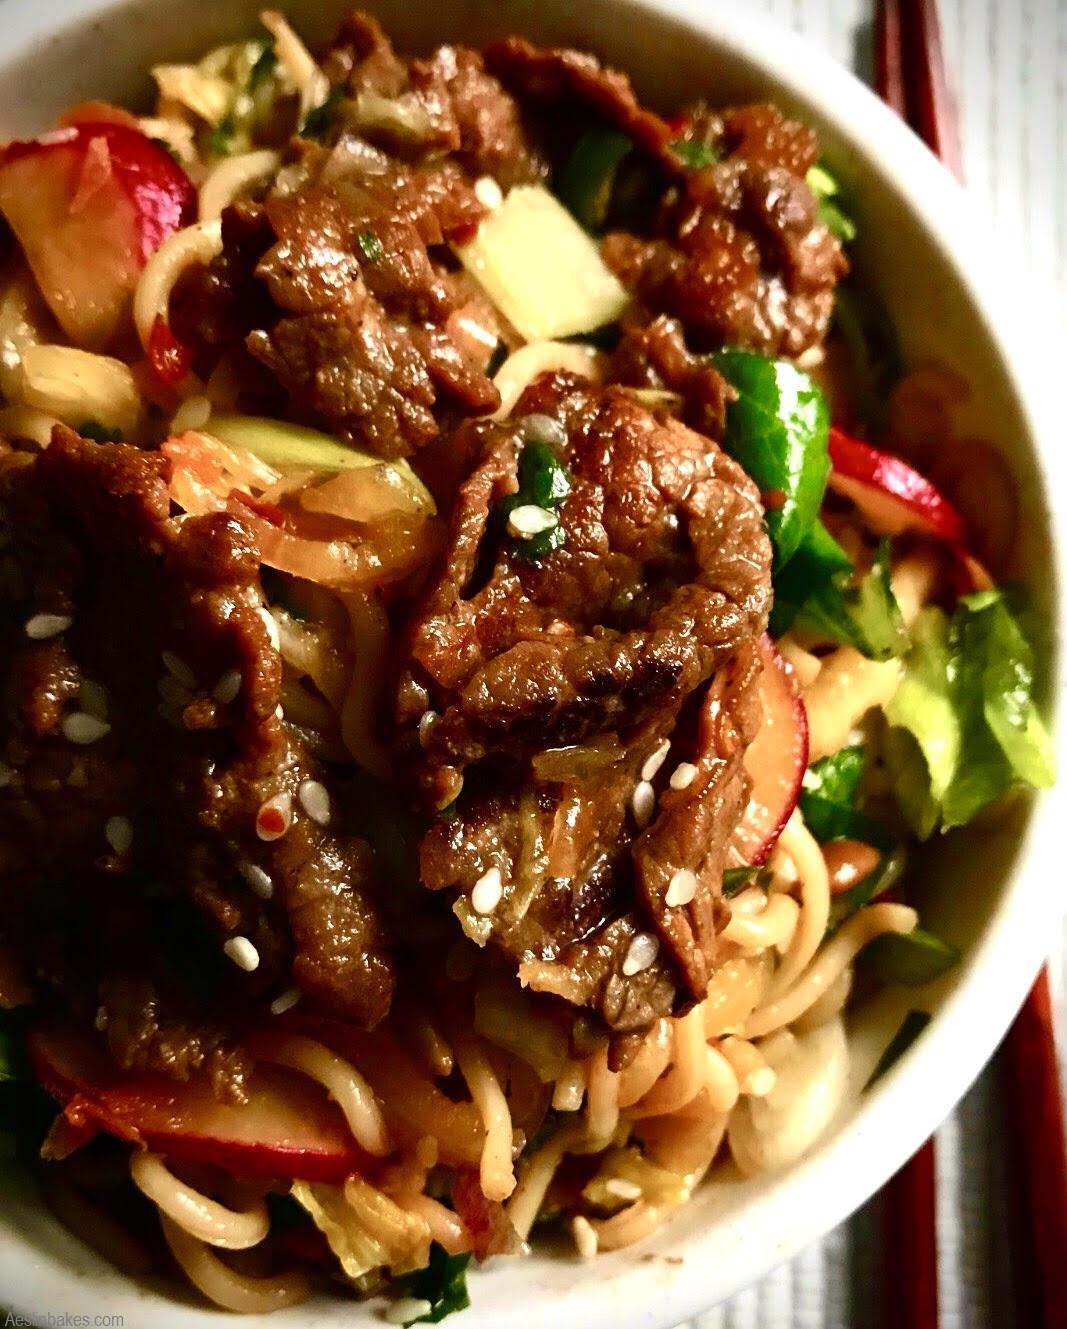 Asian noodle salad with beef bulgogi